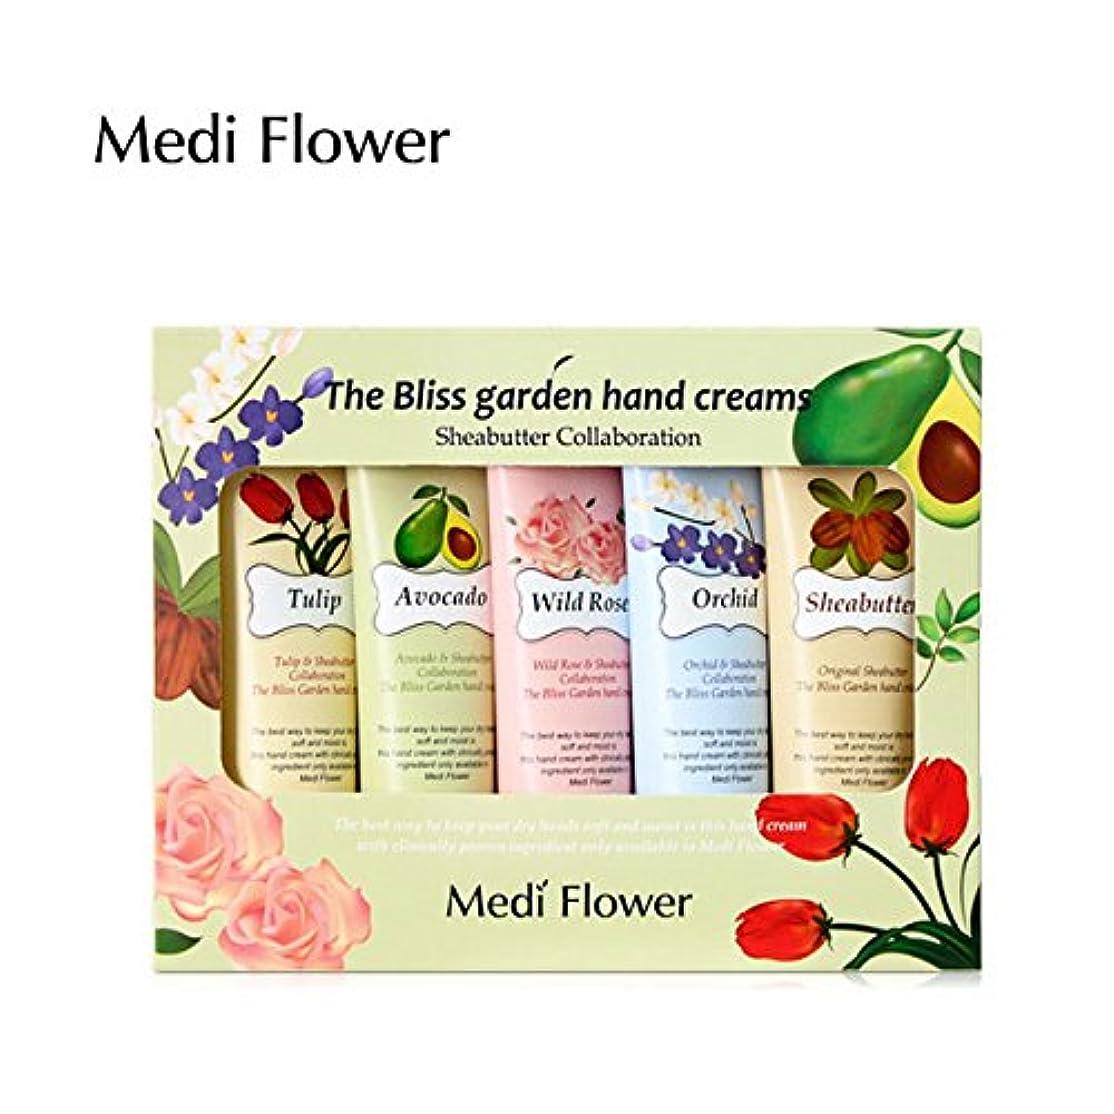 長椅子革命的多くの危険がある状況[MediFlower] ザ?ブリスガーデン?ハンドクリーム?シアバターコラボレーション 50g x 5個セット / The Bliss Garden Hand Creams (Sheabutter Collaboration)